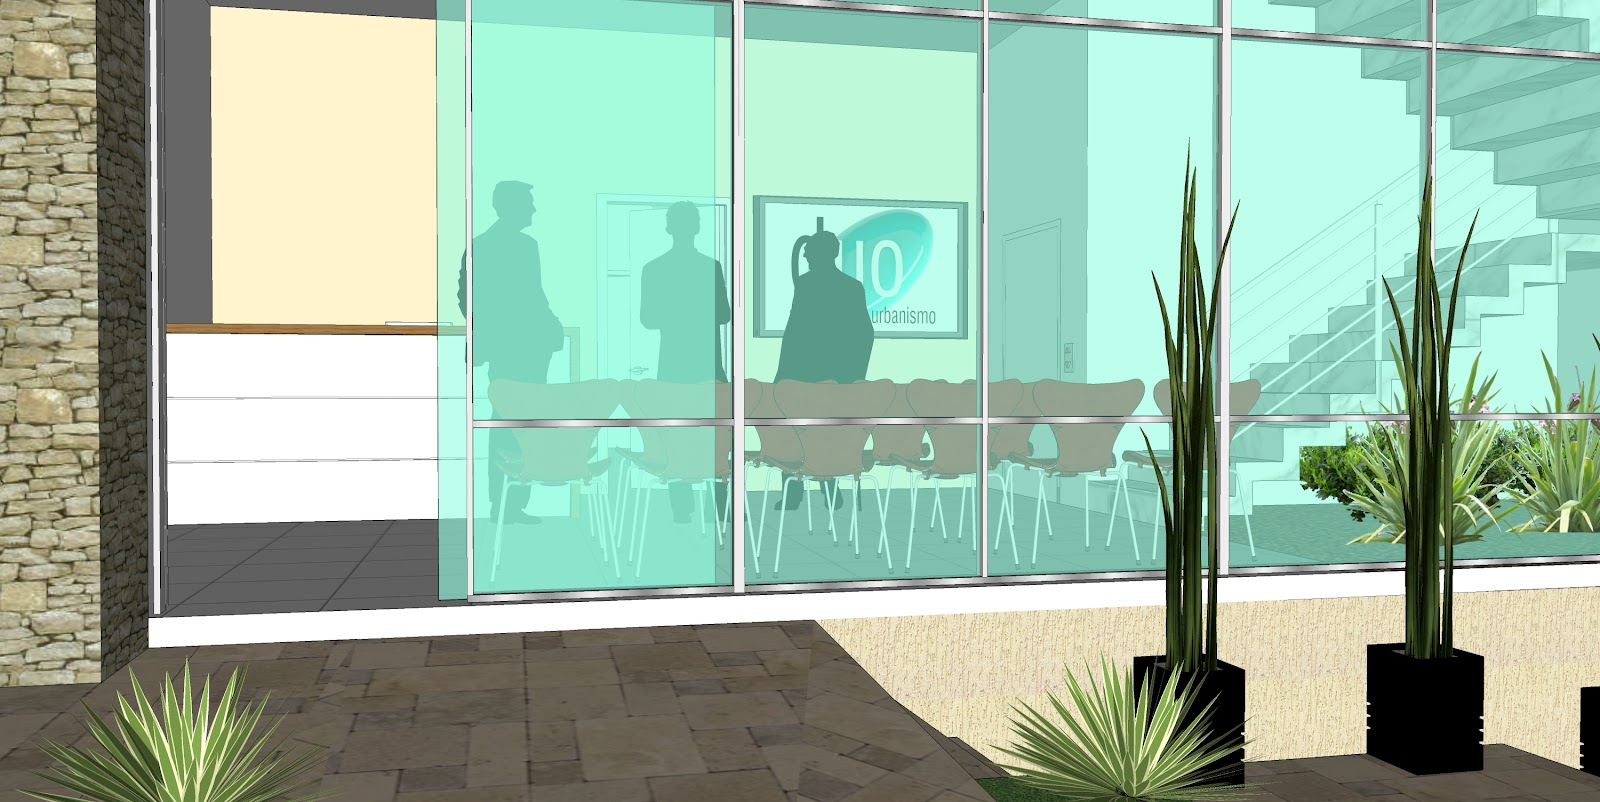 banheiros adaptados e circulações com dimensões conforme NBR9050 #319A7B 1600x802 Banheiro Acessivel Dimensoes Minimas